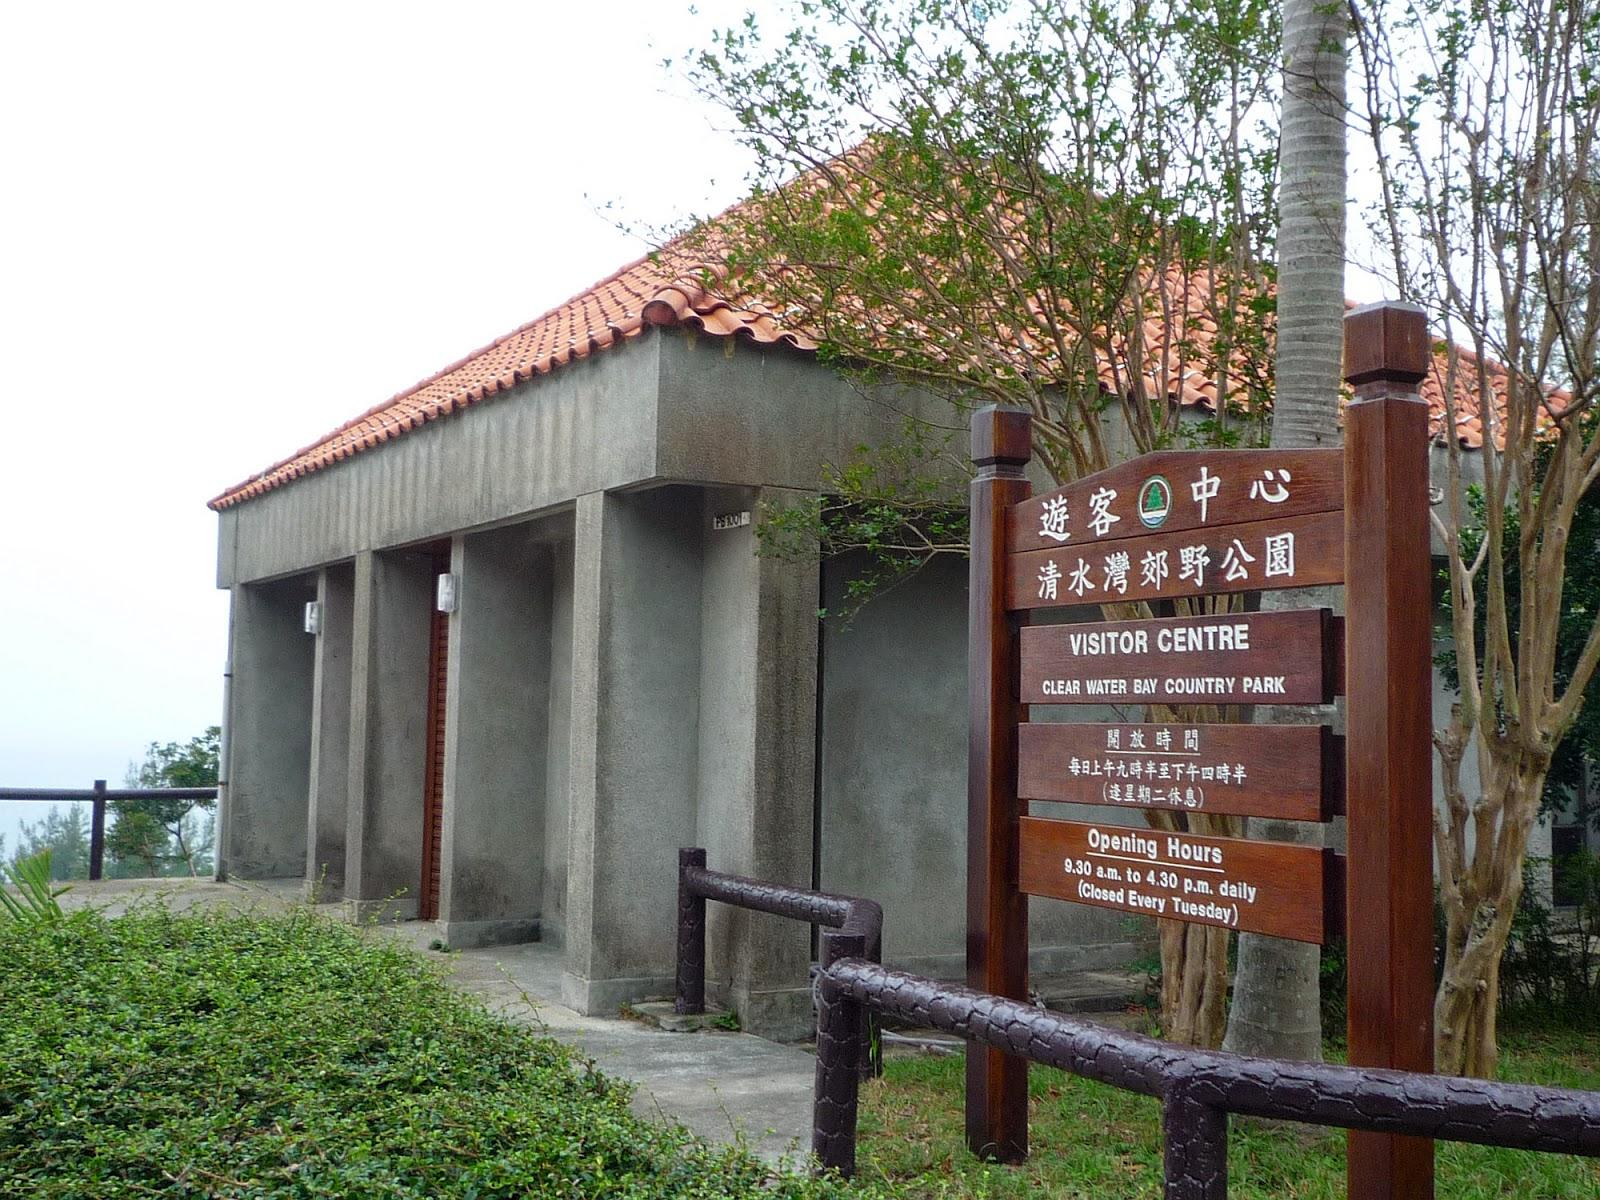 清水灣郊野公園 + 樹木研習徑 - 郊遊 - SeeWide 香港特搜